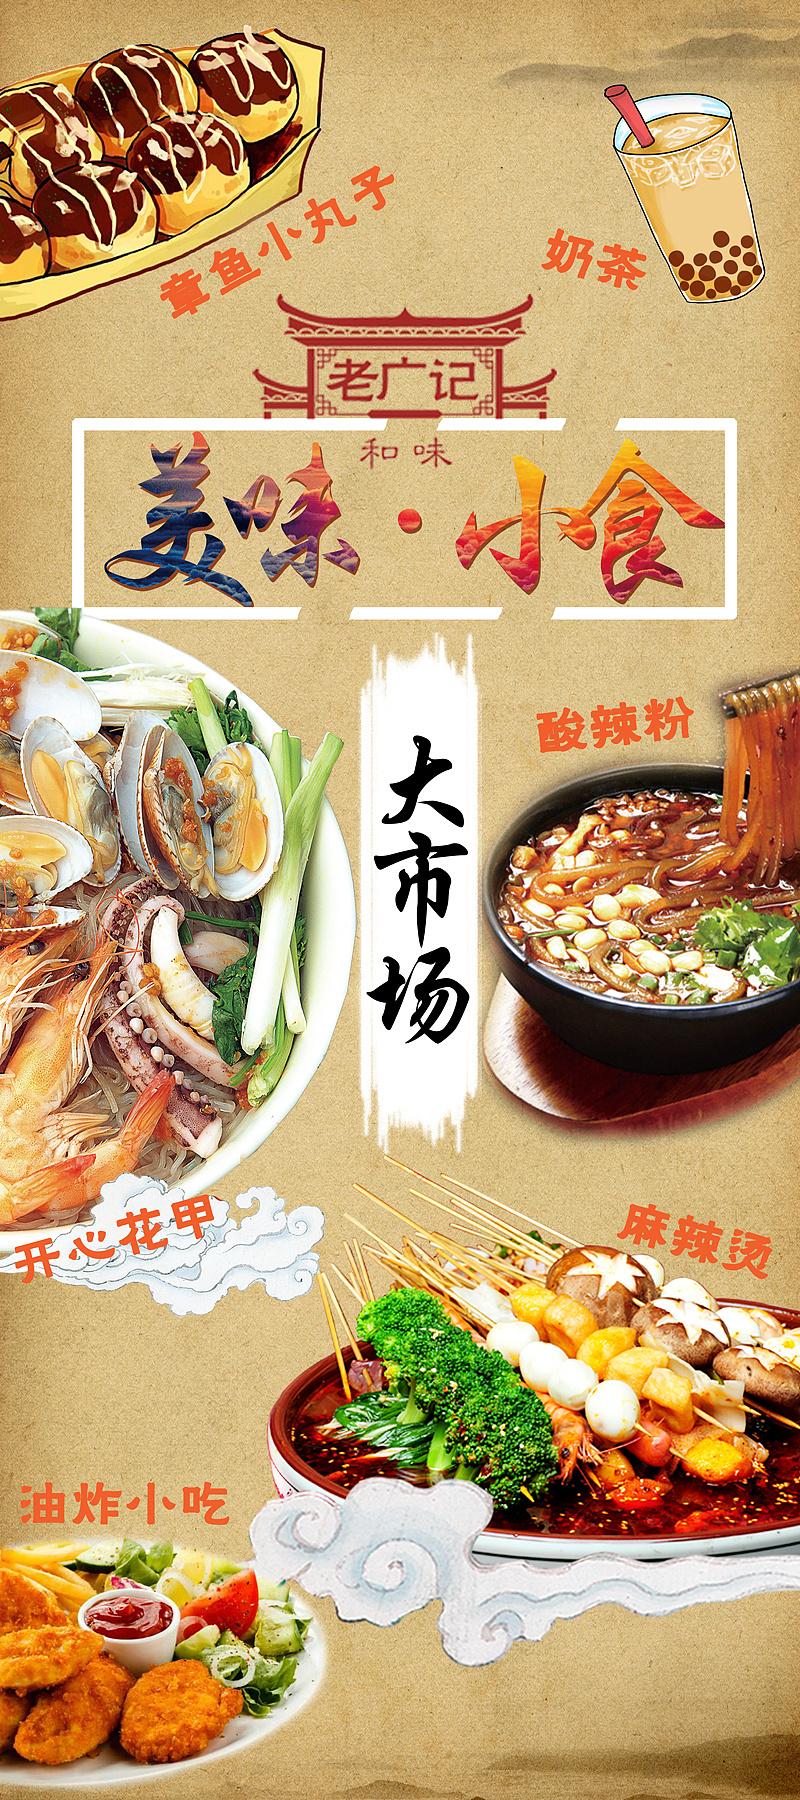 老廣記美味小食海報|平面|海報|設計詩 - 原創作品 - 站酷 (ZCOOL)